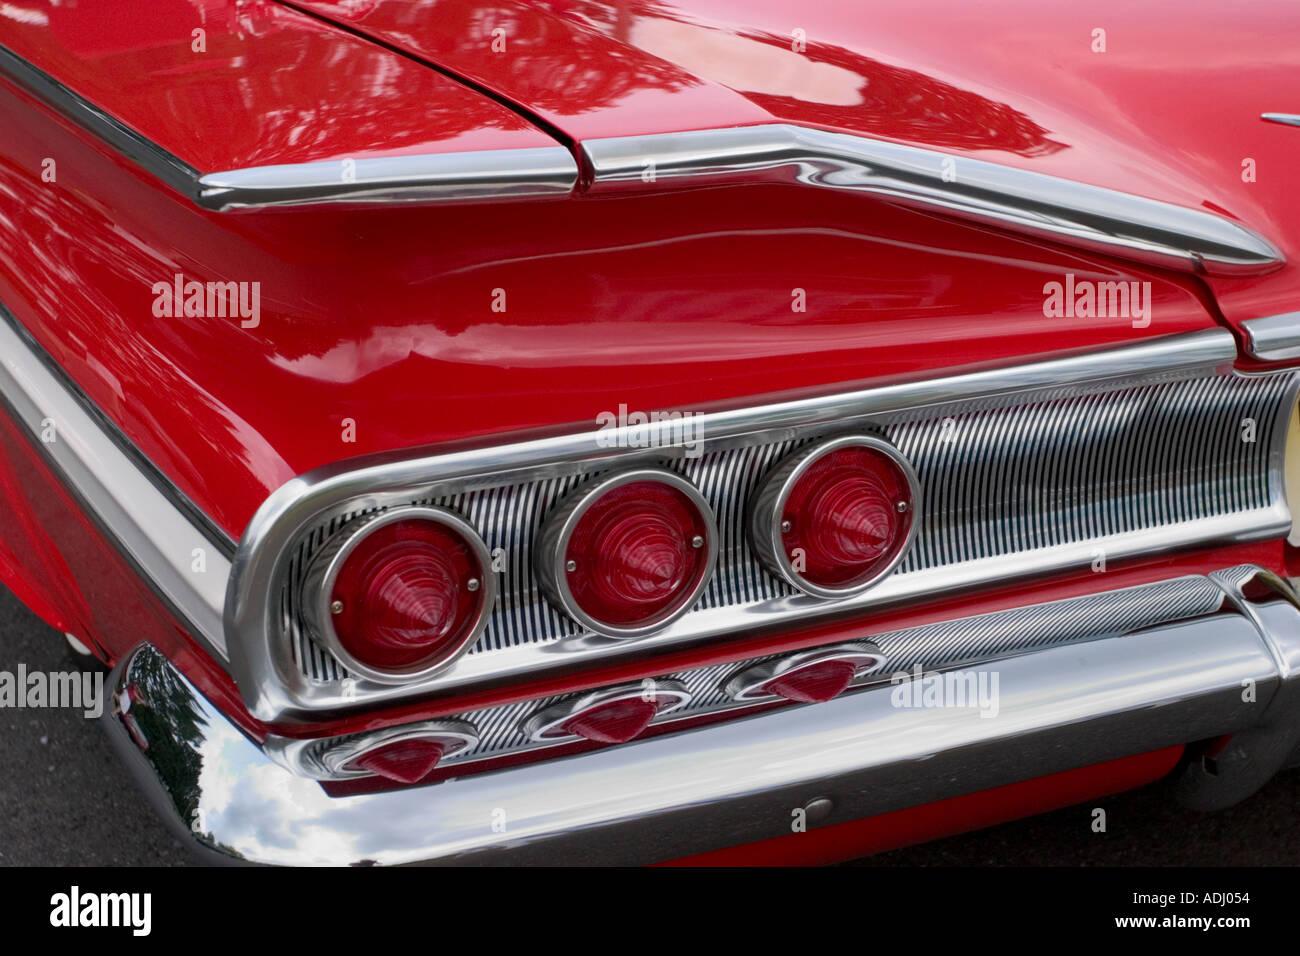 Kelebihan Impala 60 Tangguh